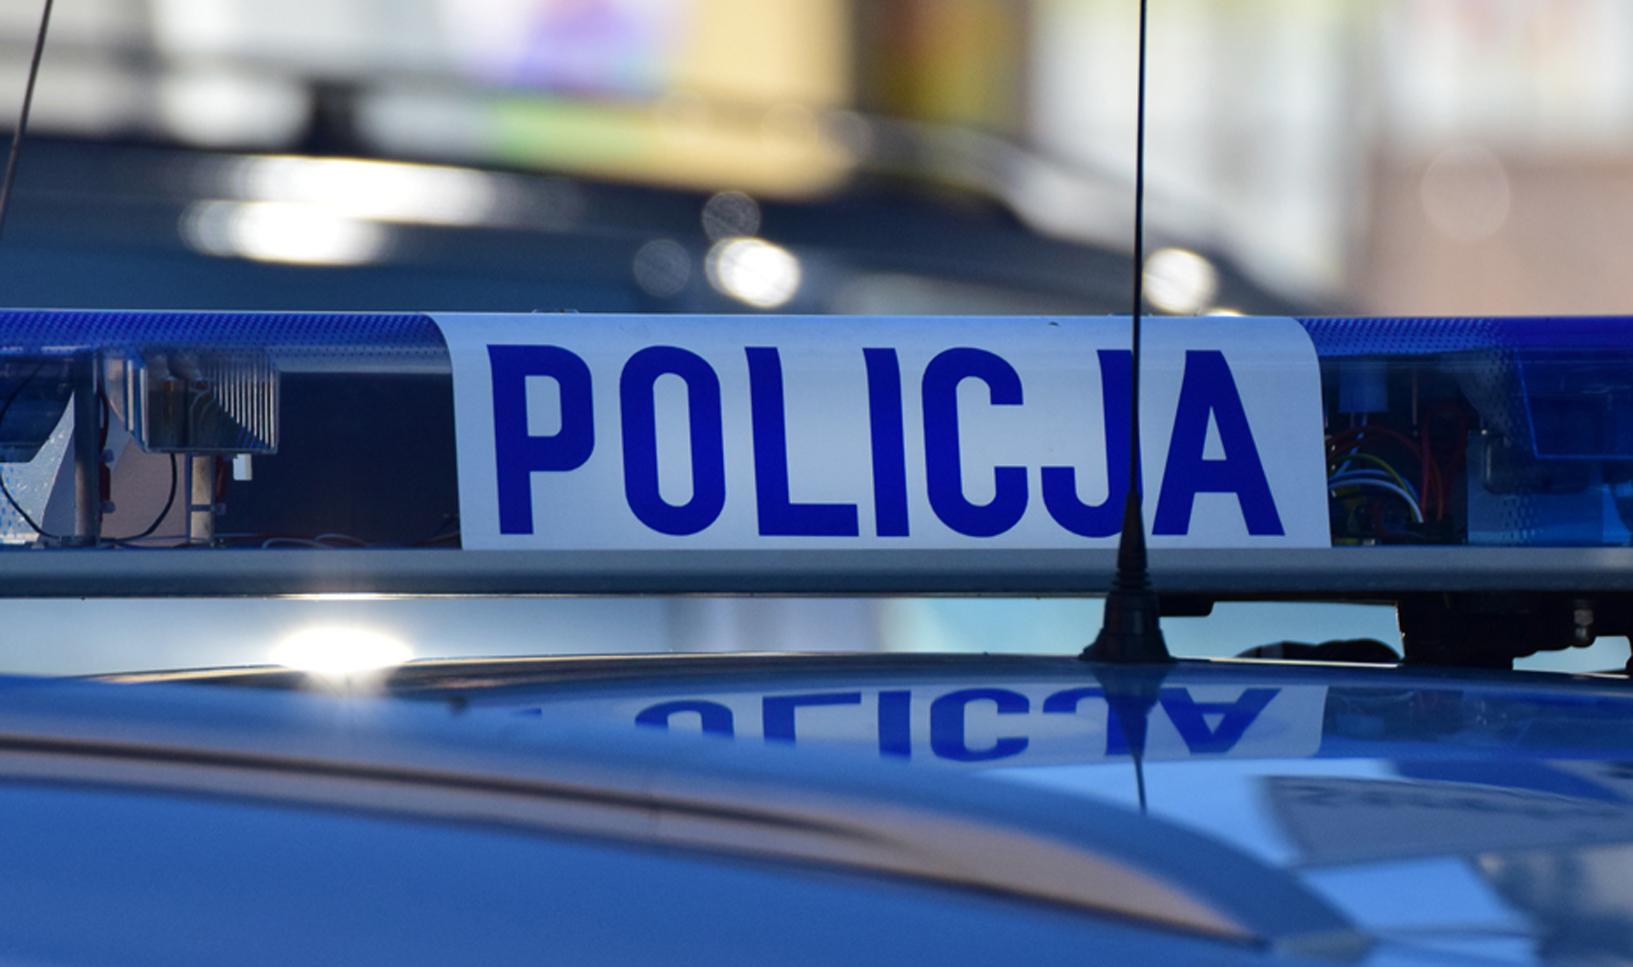 Z regionu. Zaginął 16-latek, policja prosi o pomoc [ZDJĘCIE RYSOPIS] - Zdjęcie główne